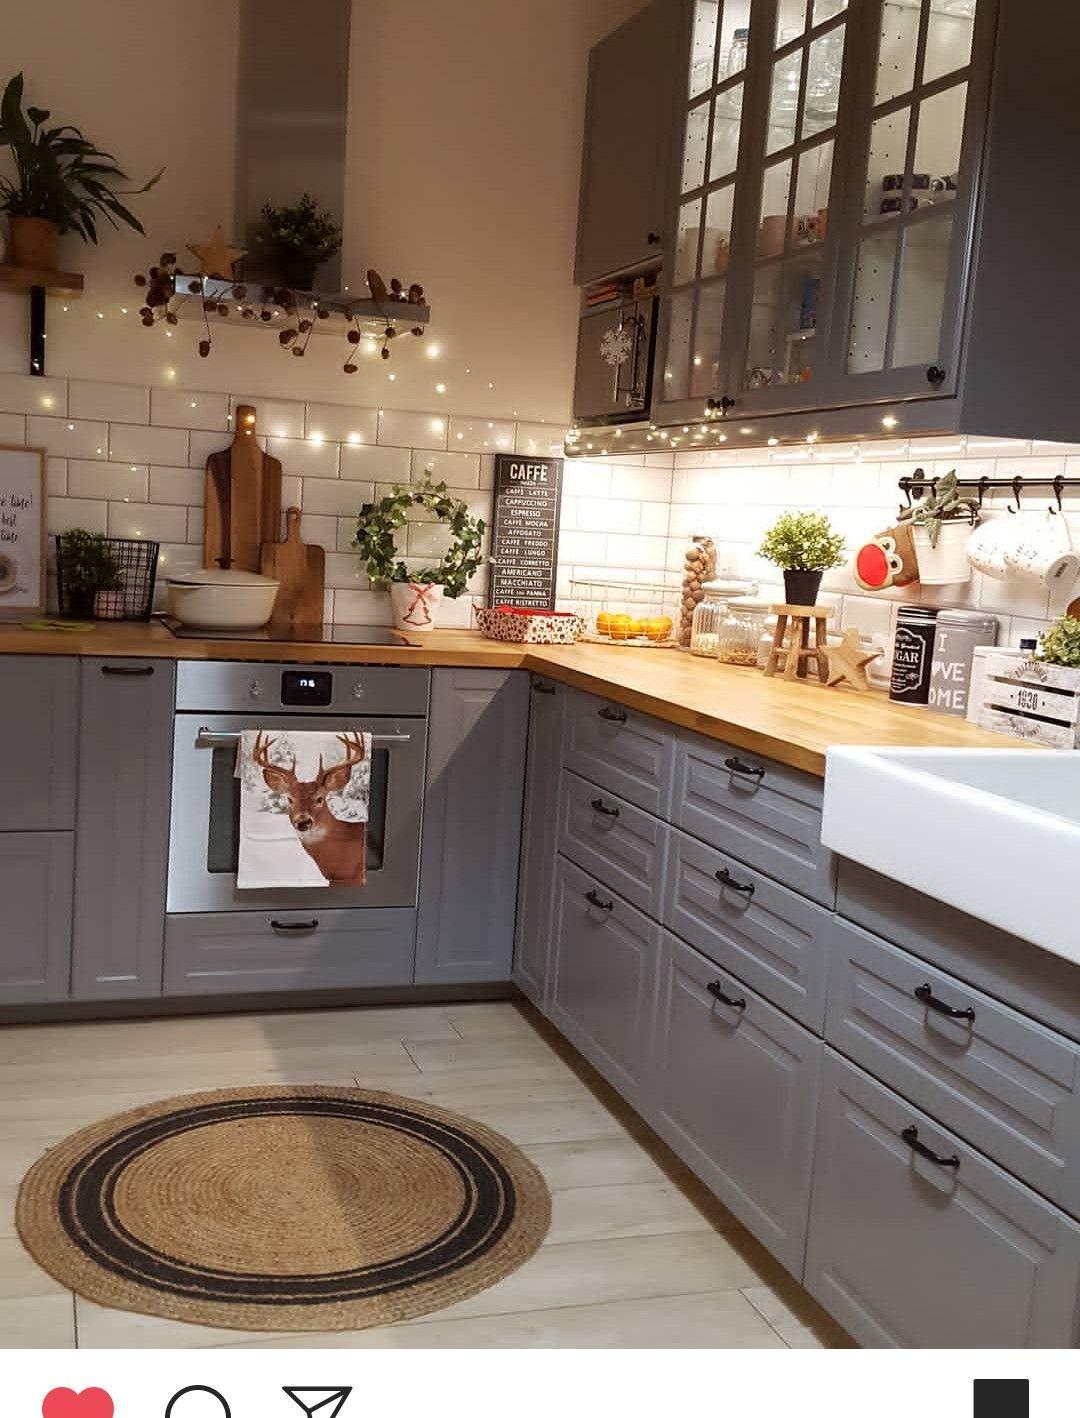 Kitchen Design. #kitchens #homedesign #kitchendesigns #greykitchendesigns